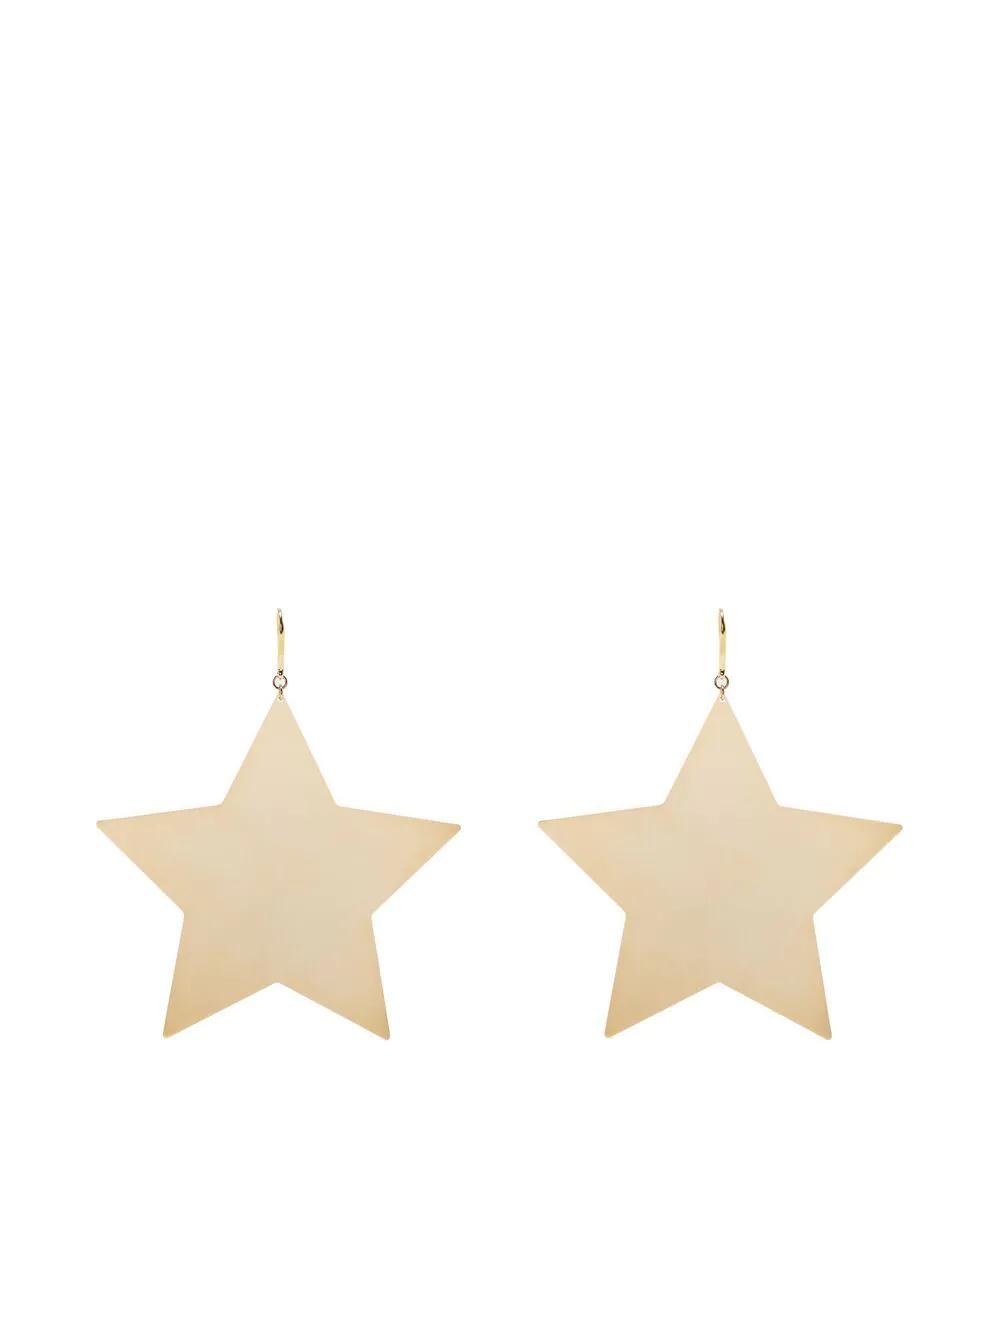 Isabel Marant | Isabel Marant единичная серьга в форме звезды | Clouty